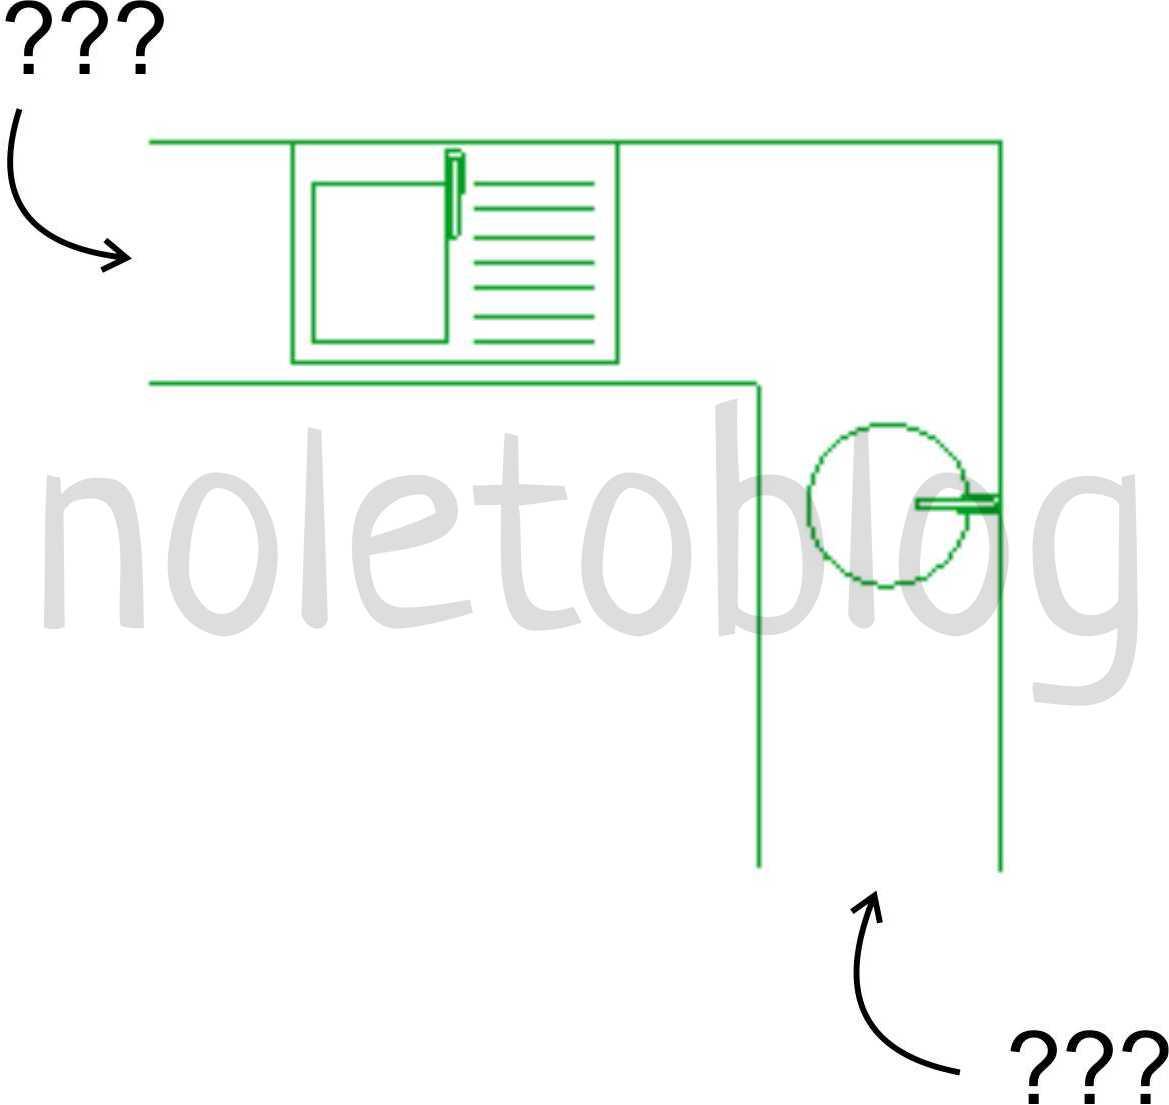 noletoblog: Objetos de ArchiCAD #1: Móveis de Cozinha #1B9532 1169x1105